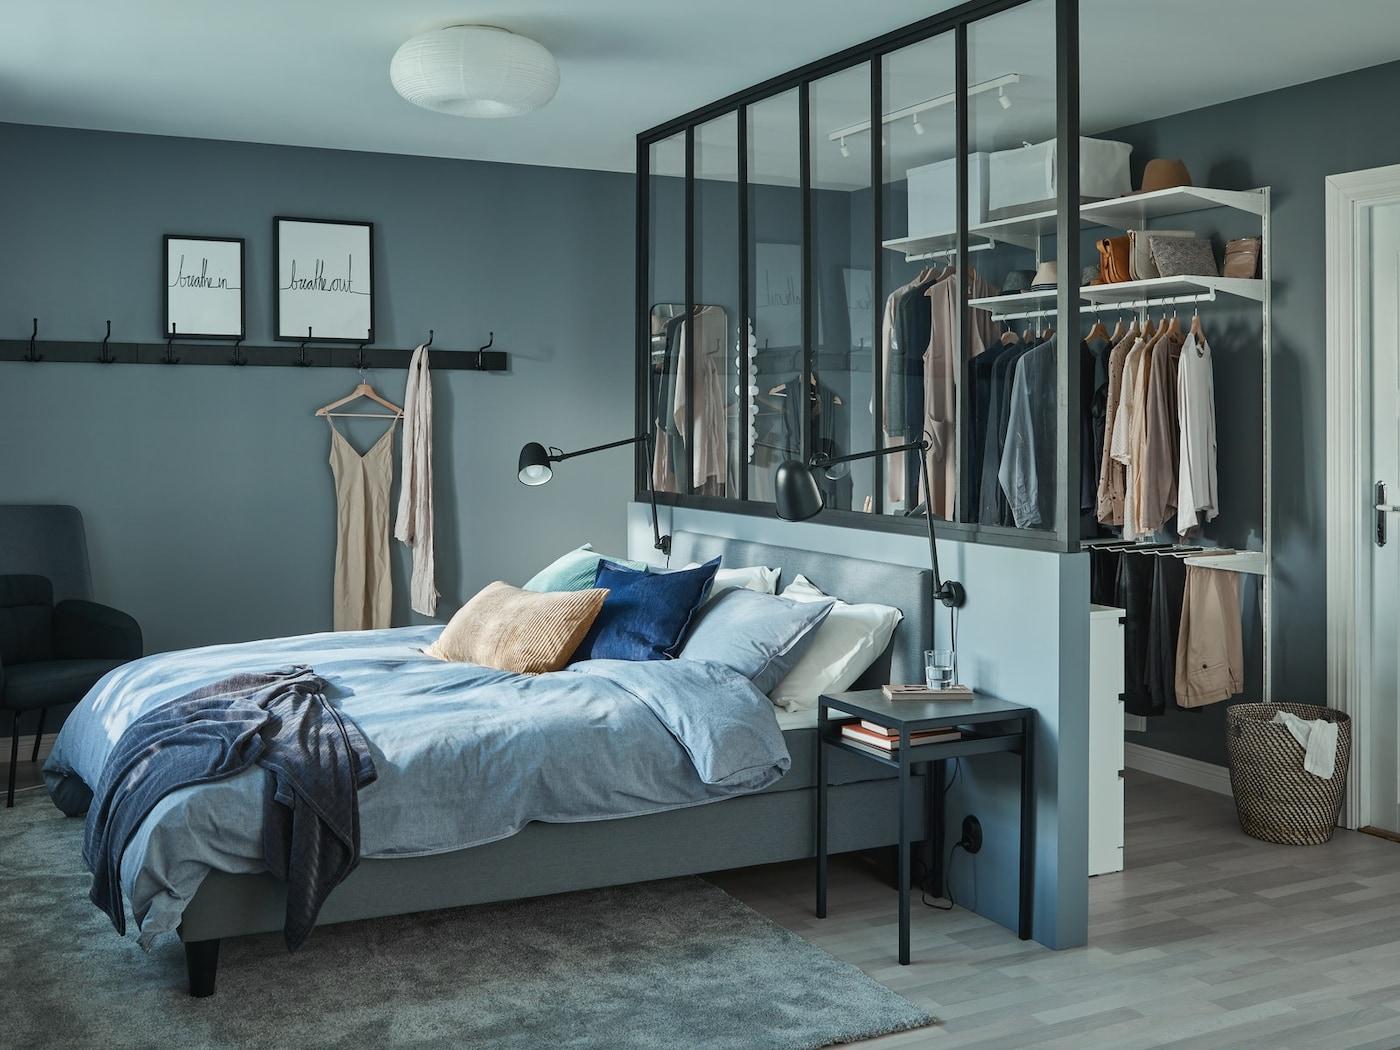 Schlafzimmer & Schlafzimmermöbel für dein Zuhause   IKEA Deutschland